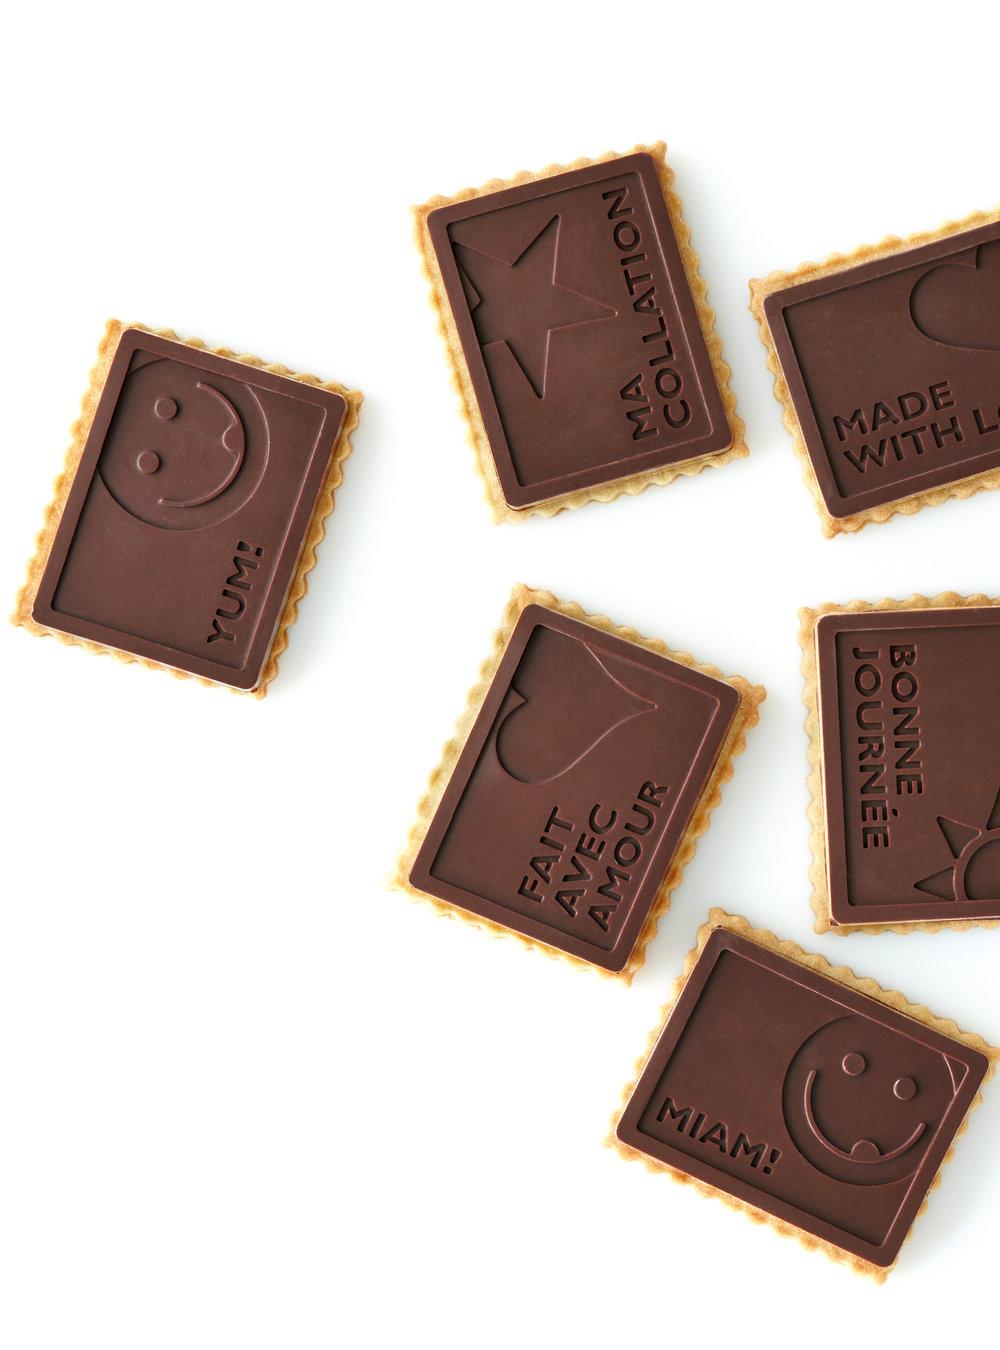 Petits beurre couverts de chocolat | ricardo